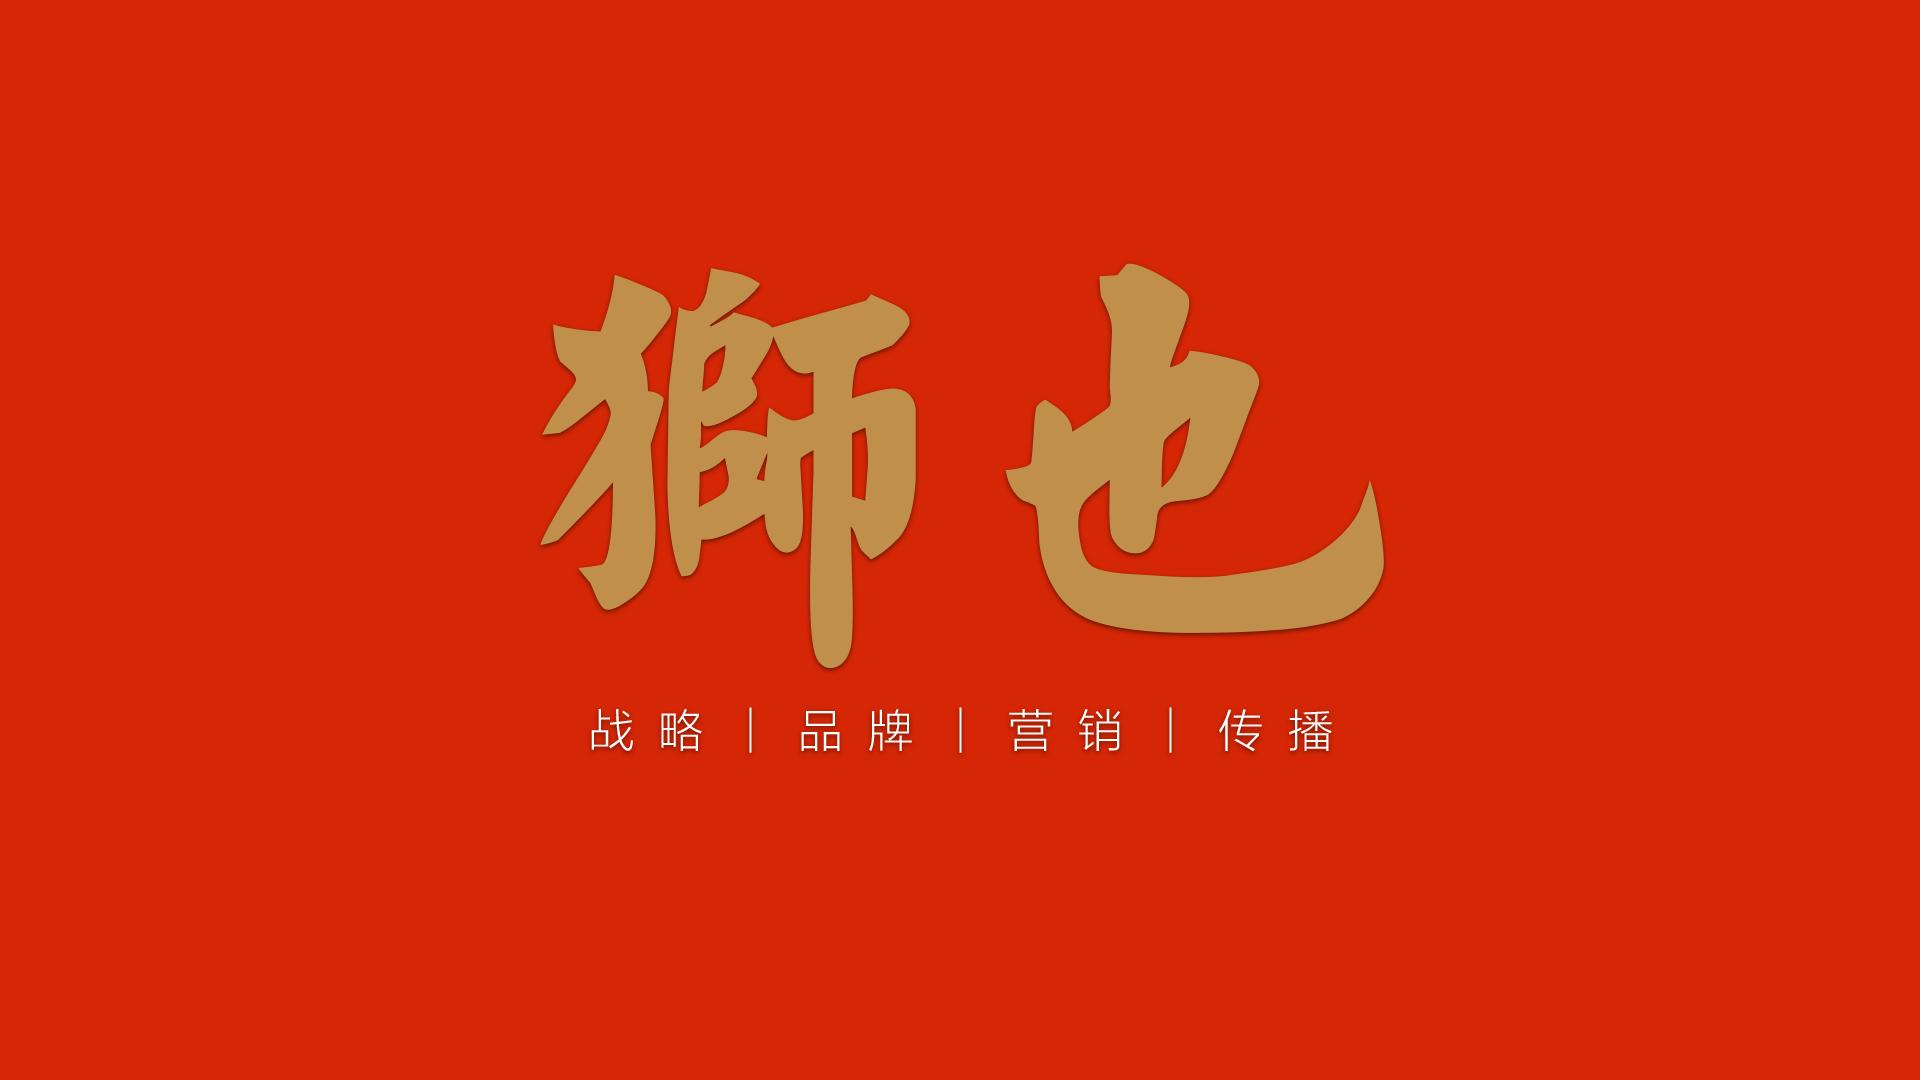 上海营销策划公司—促进节假日销售的9条营销技巧